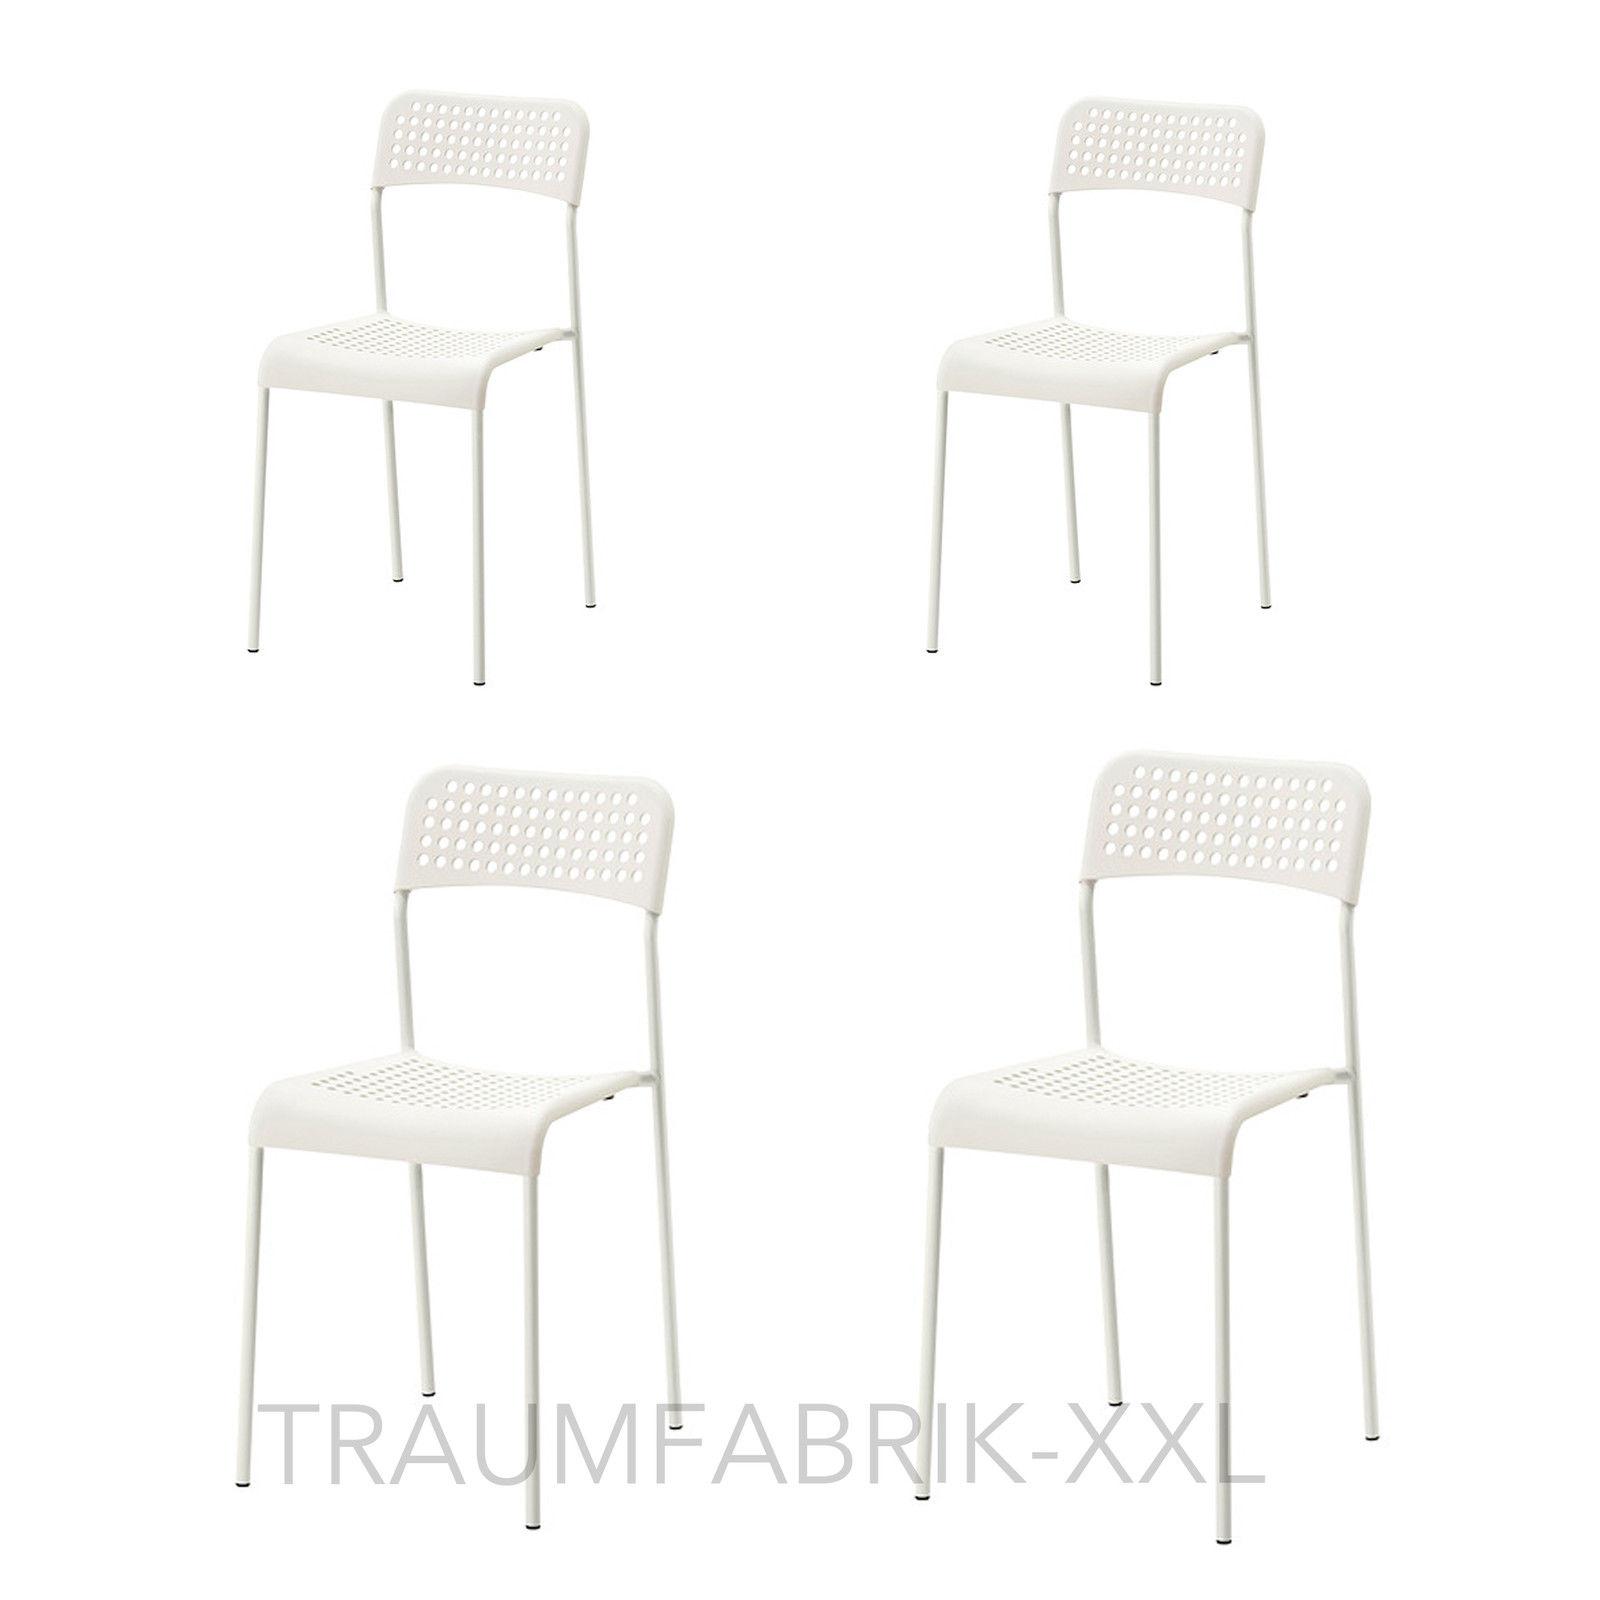 Wunderbar Küchen Und Esszimmerstühle Galerie Von 4x-weie-esszimmersthle-essgruppe-stuhlgruppe-sitzgruppe-kchen-stuhl-